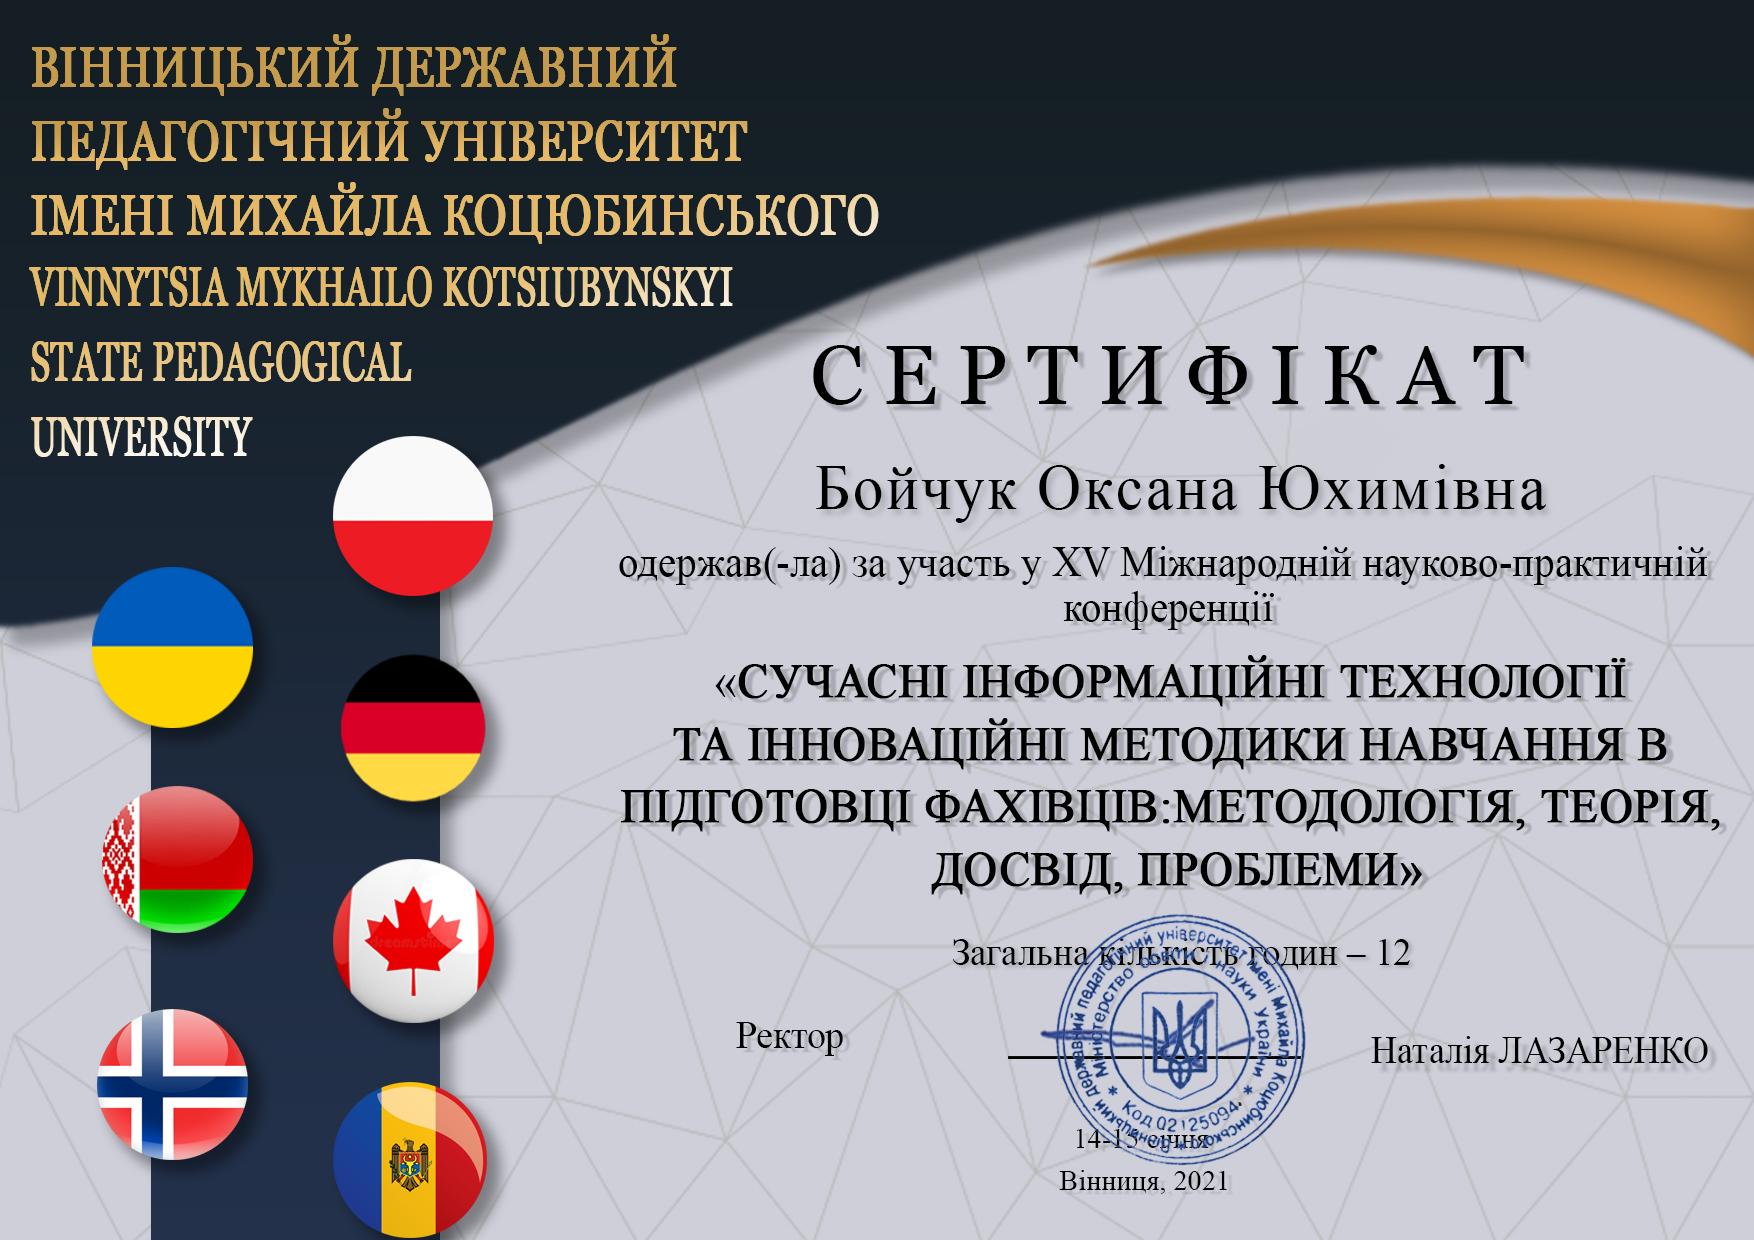 Бойчук Оксана Юхимівна